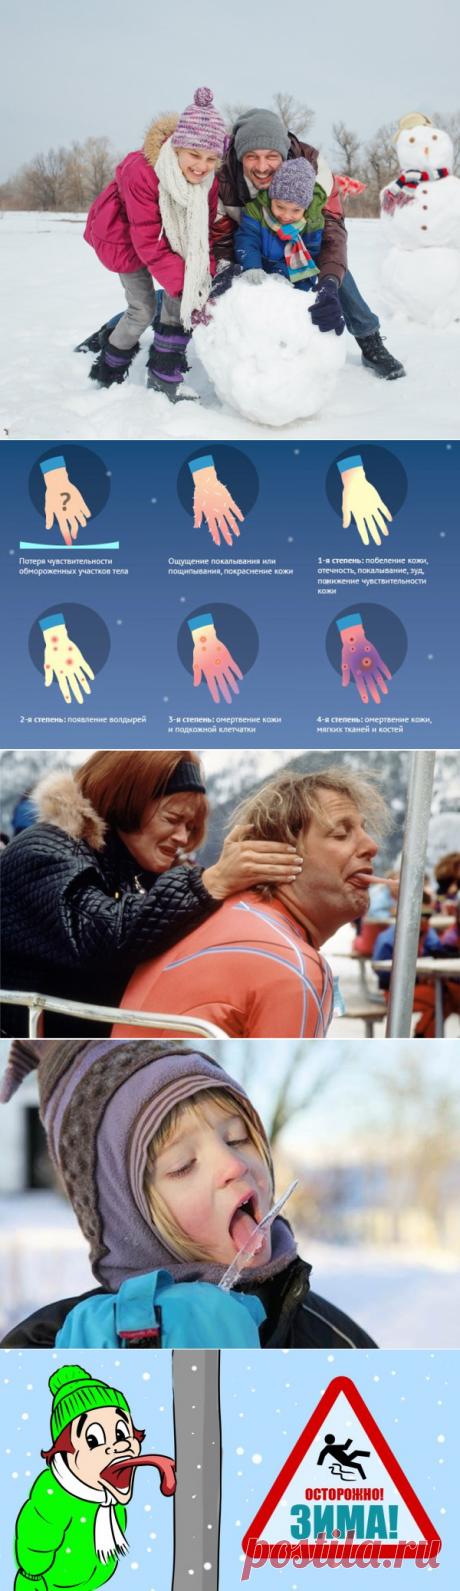 Всё о безопасности зимой: от кремов для рук до первой помощи. Будь в курсе! — Копилочка полезных советов